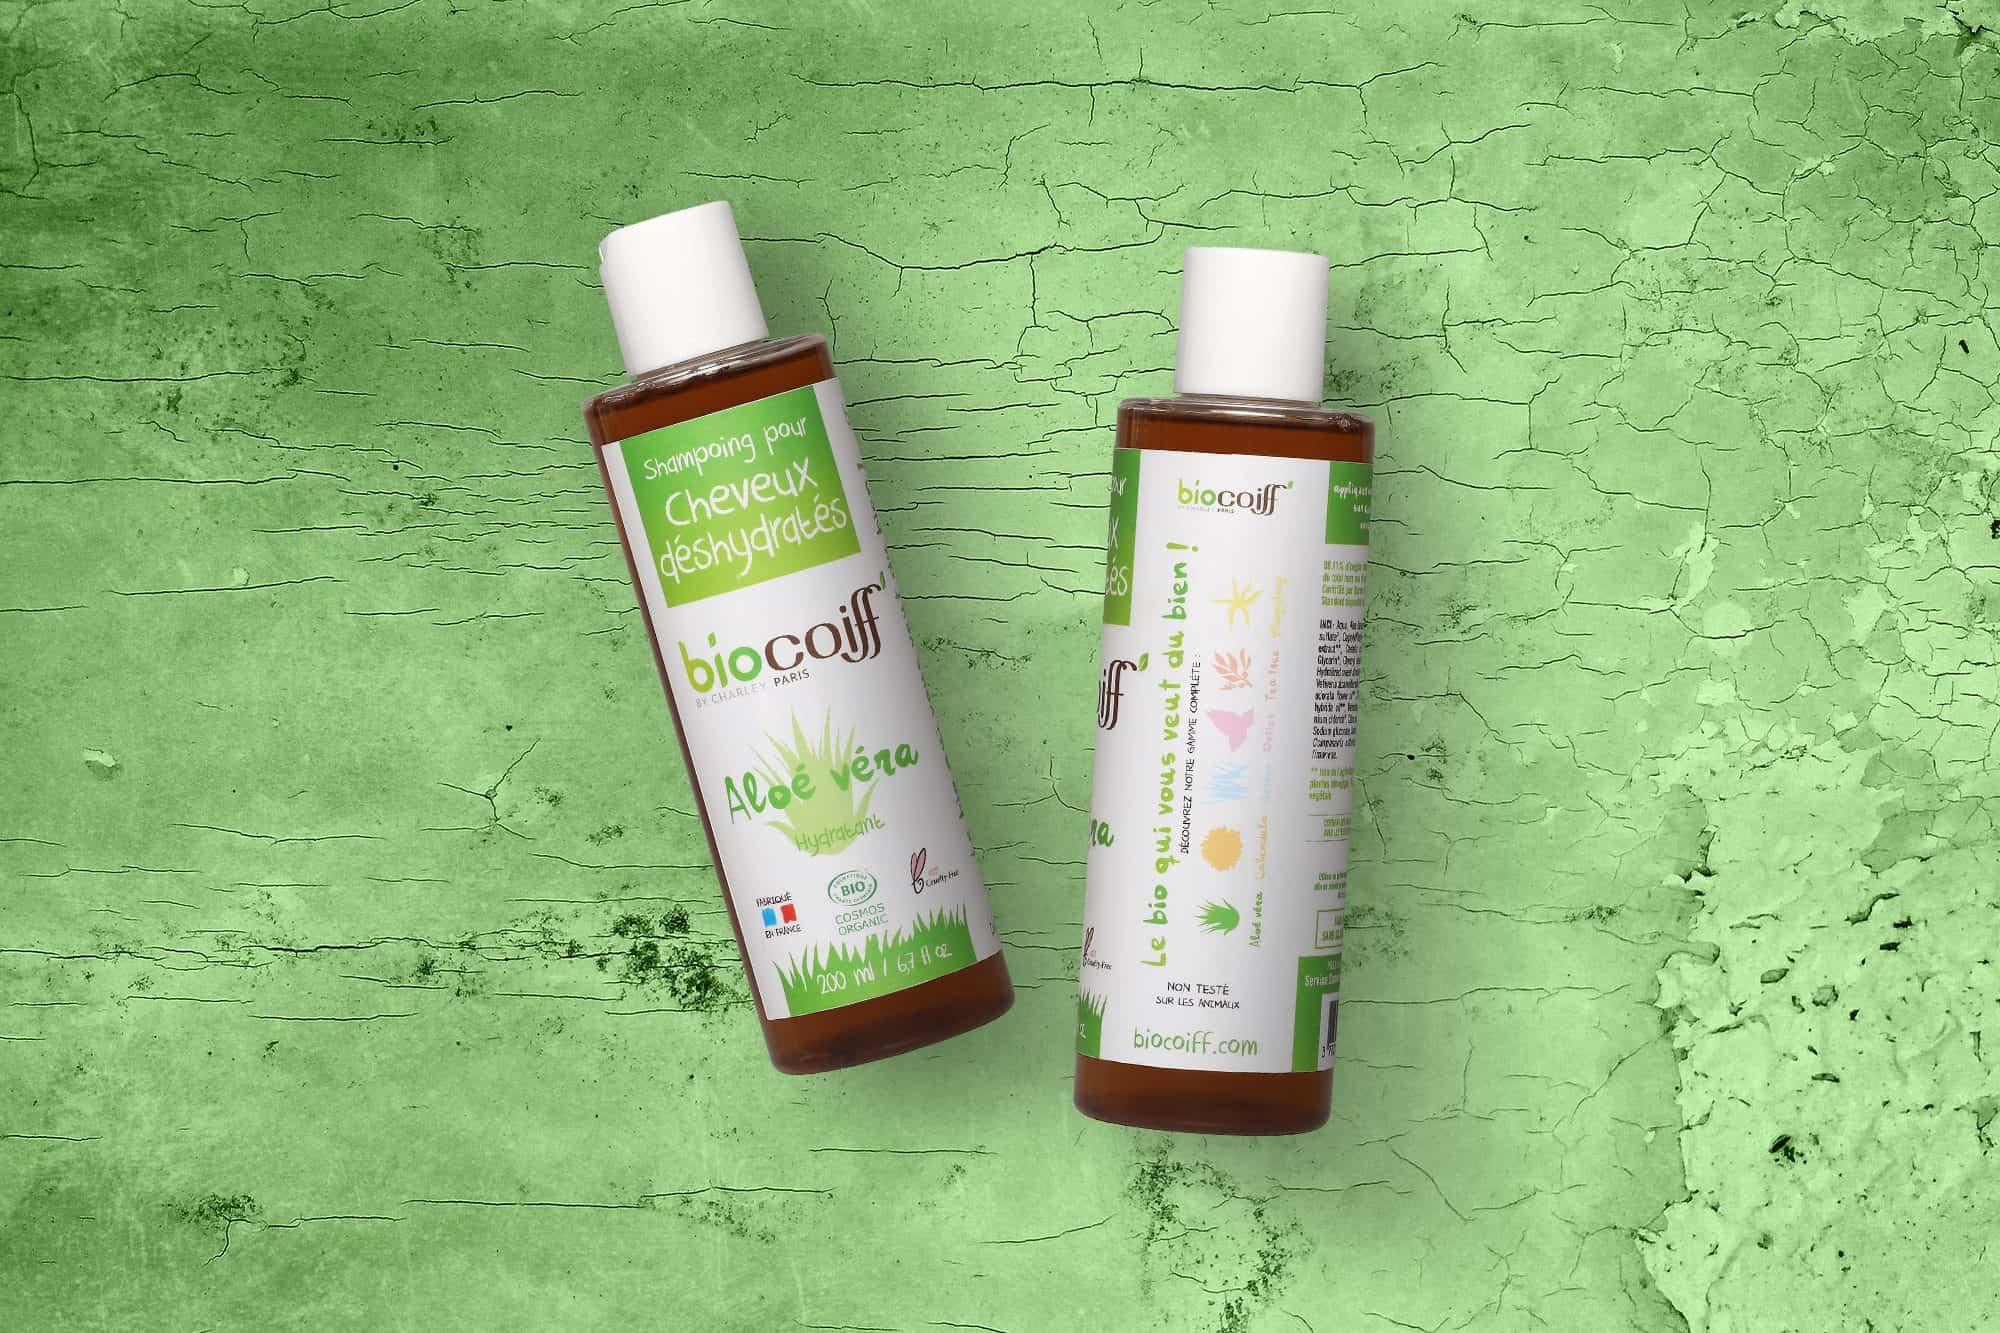 Photo du shampoing bio biocoiff a l'aloe vera